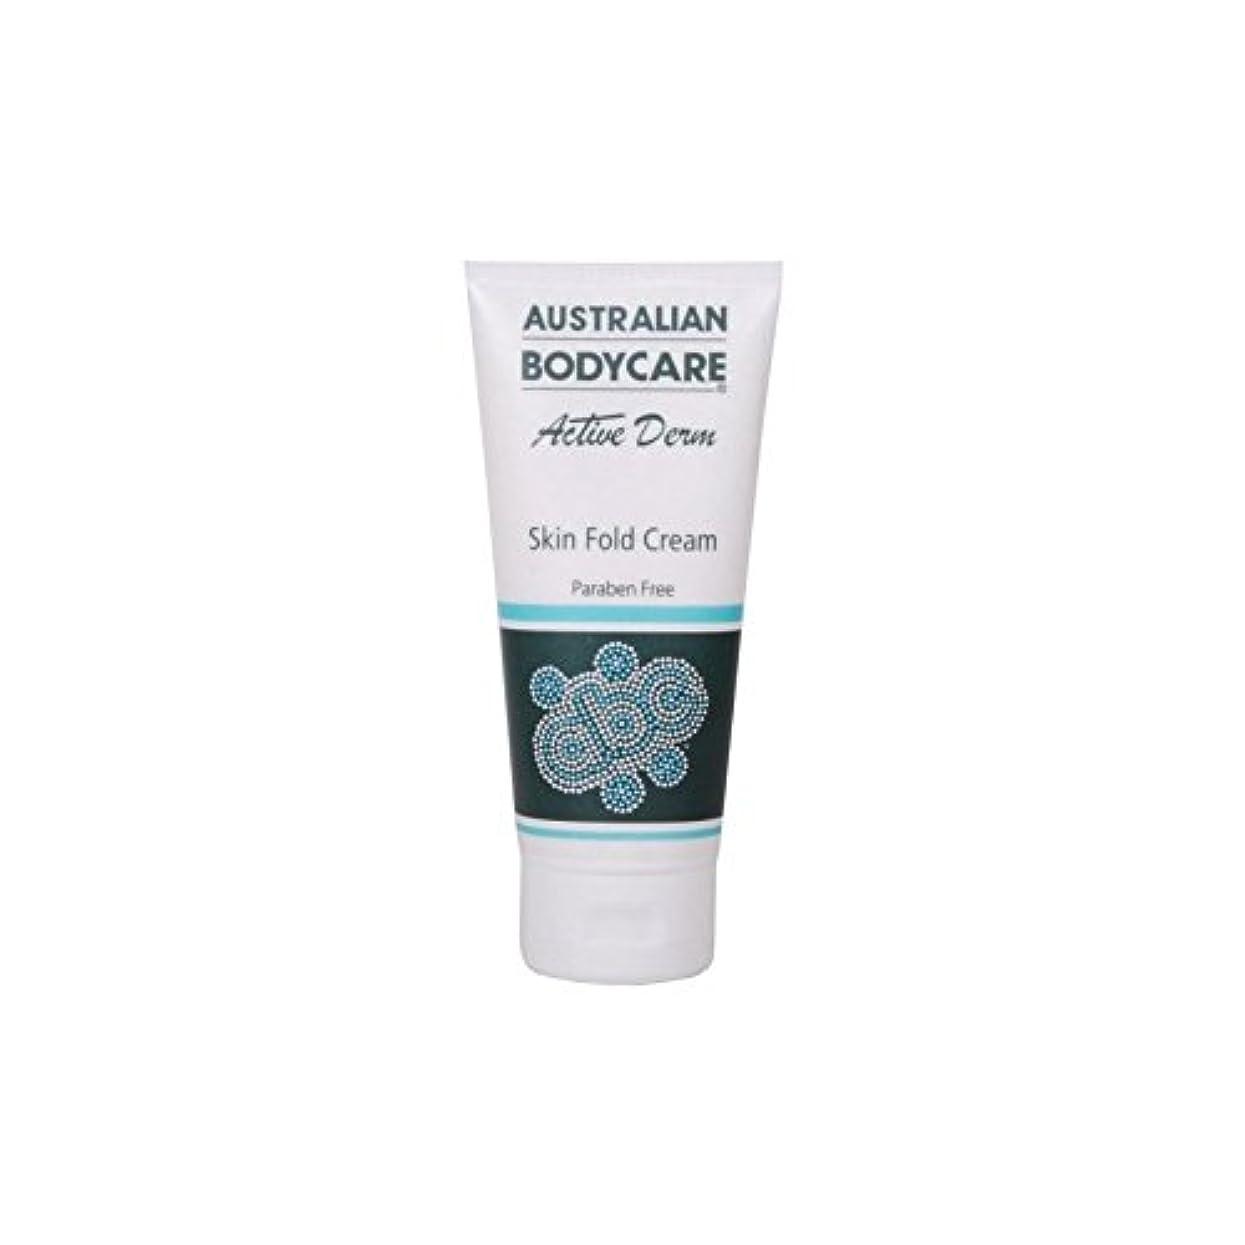 キャリア匹敵しますいつオーストラリアのボディケアアクティブダーム皮膚のひだクリーム(100ミリリットル) x2 - Australian Bodycare Active Derm Skin Fold Cream (100ml) (Pack of 2) [並行輸入品]